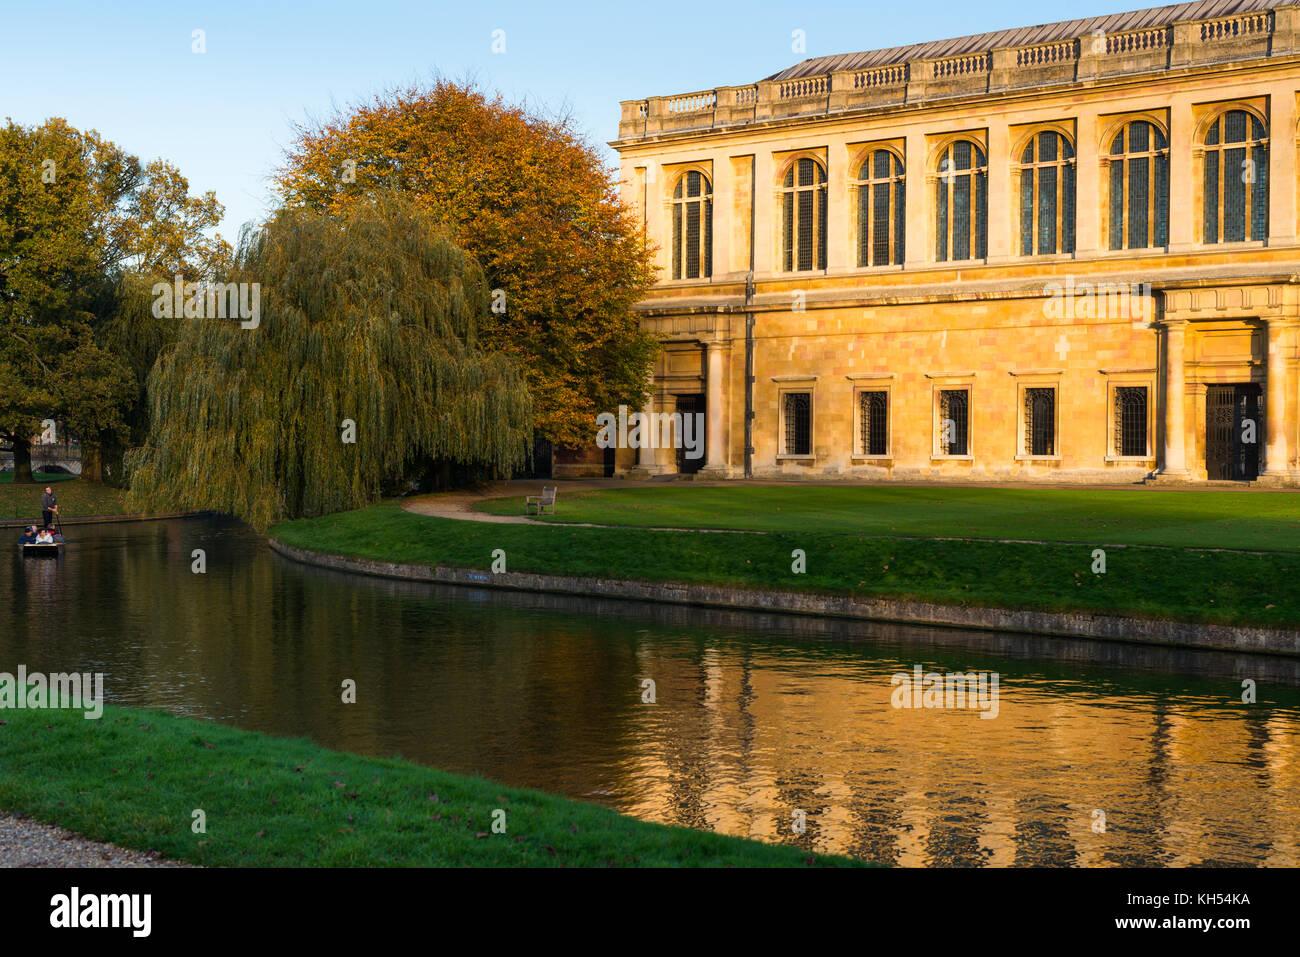 Vue panoramique de la bibliothèque Wren au coucher du soleil, le Trinity College, l'Université de Cambridge; avec en face en barque sur la rivière Cam, au Royaume-Uni. Banque D'Images